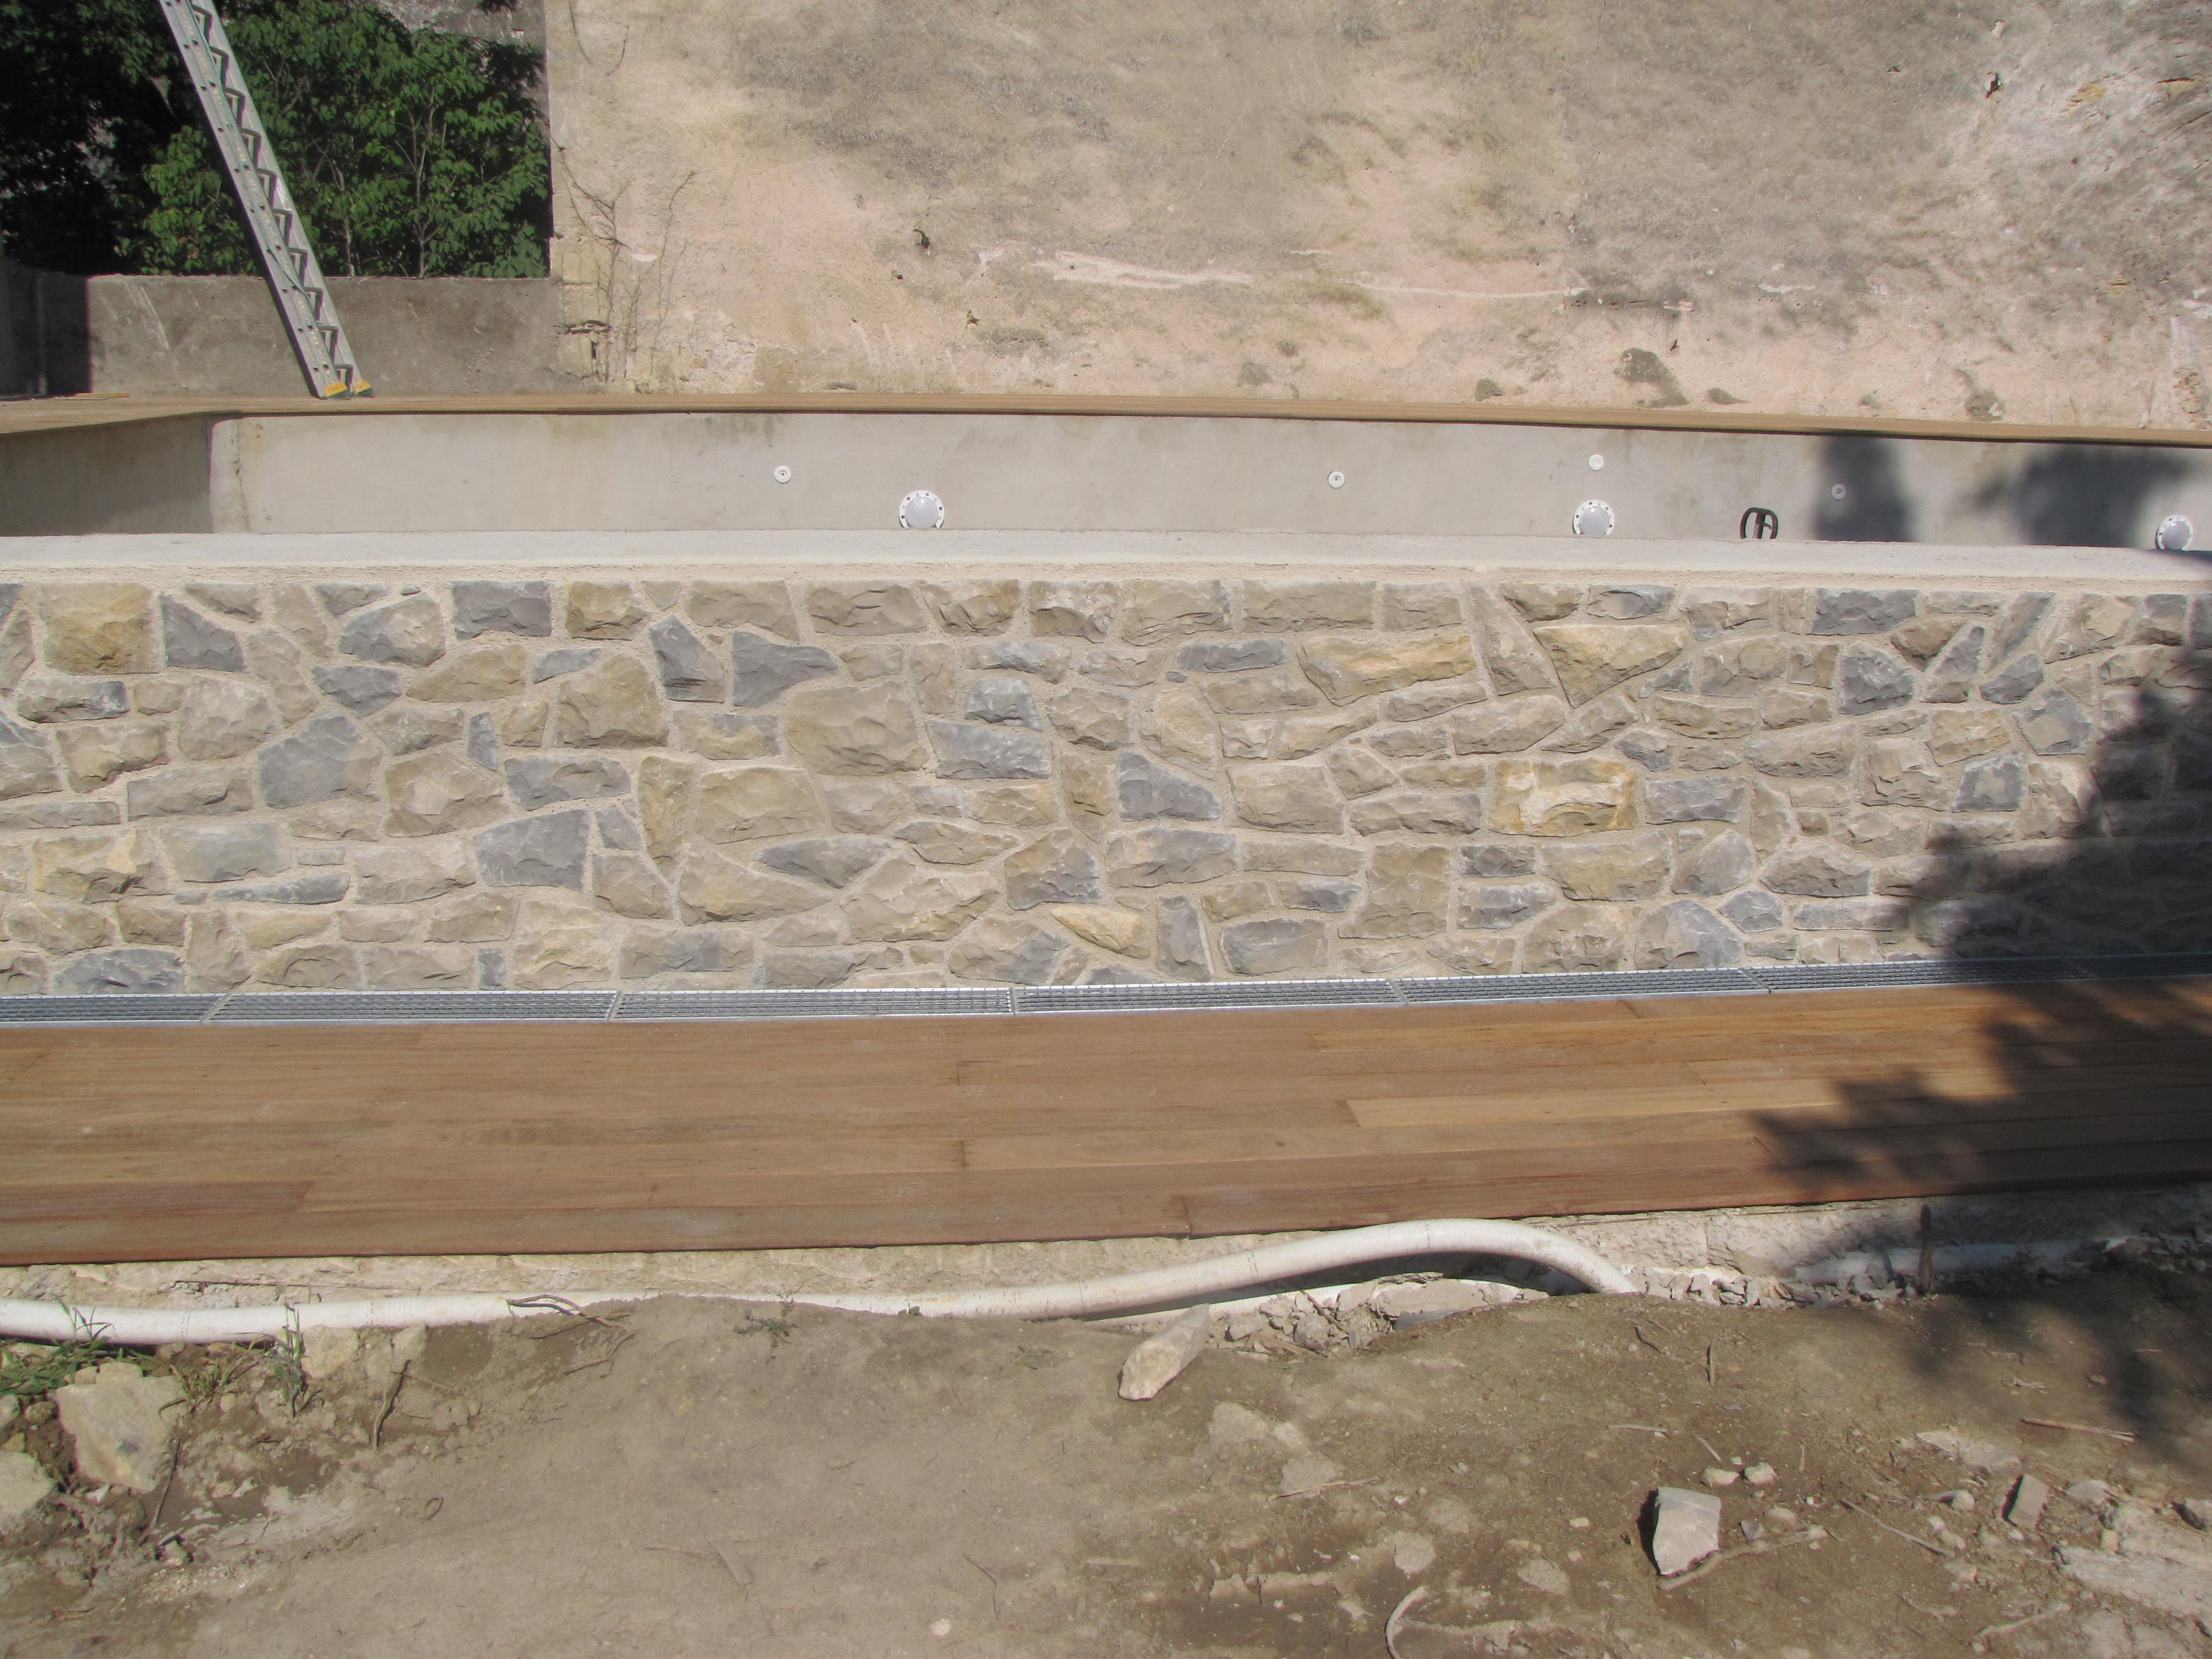 Desportes rénovation. Piscine à débordement Hérault. Habillage en pierres et en teck.